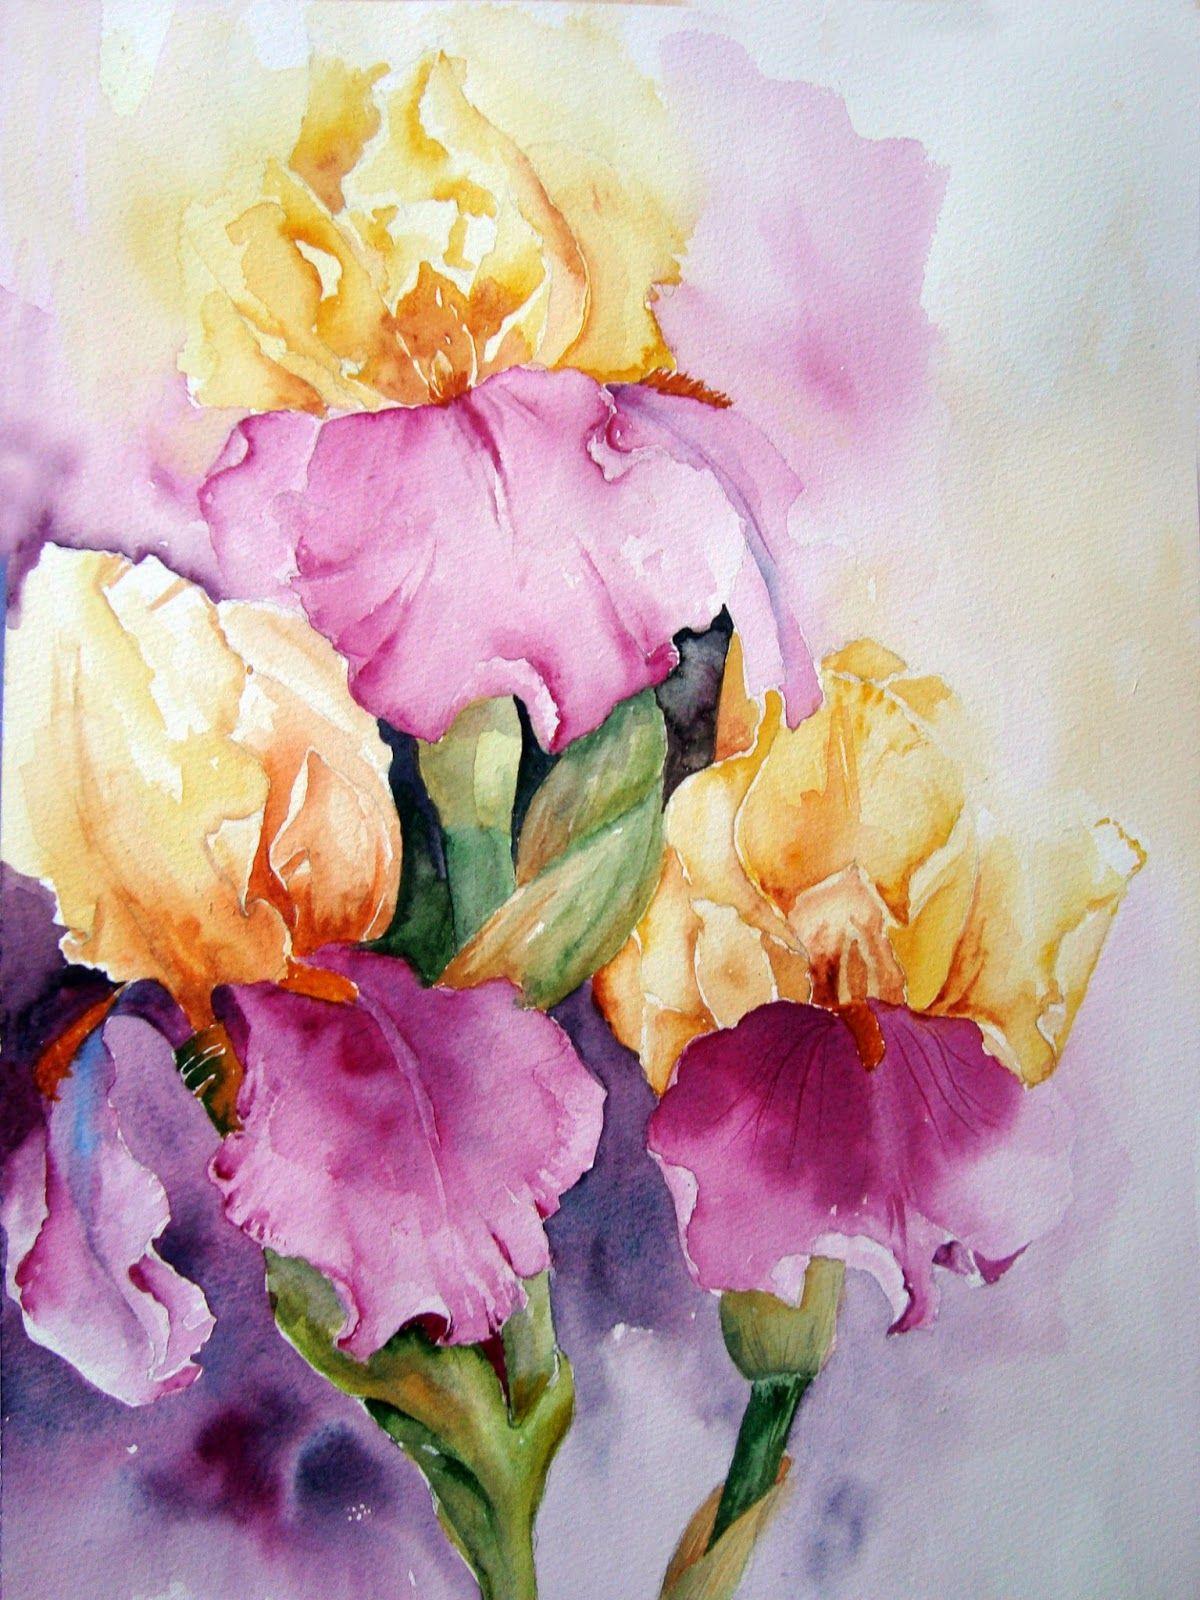 Watercolour florals iris jazz festival 2 iek resim pinterest watercolour florals iris jazz festival 2 izmirmasajfo